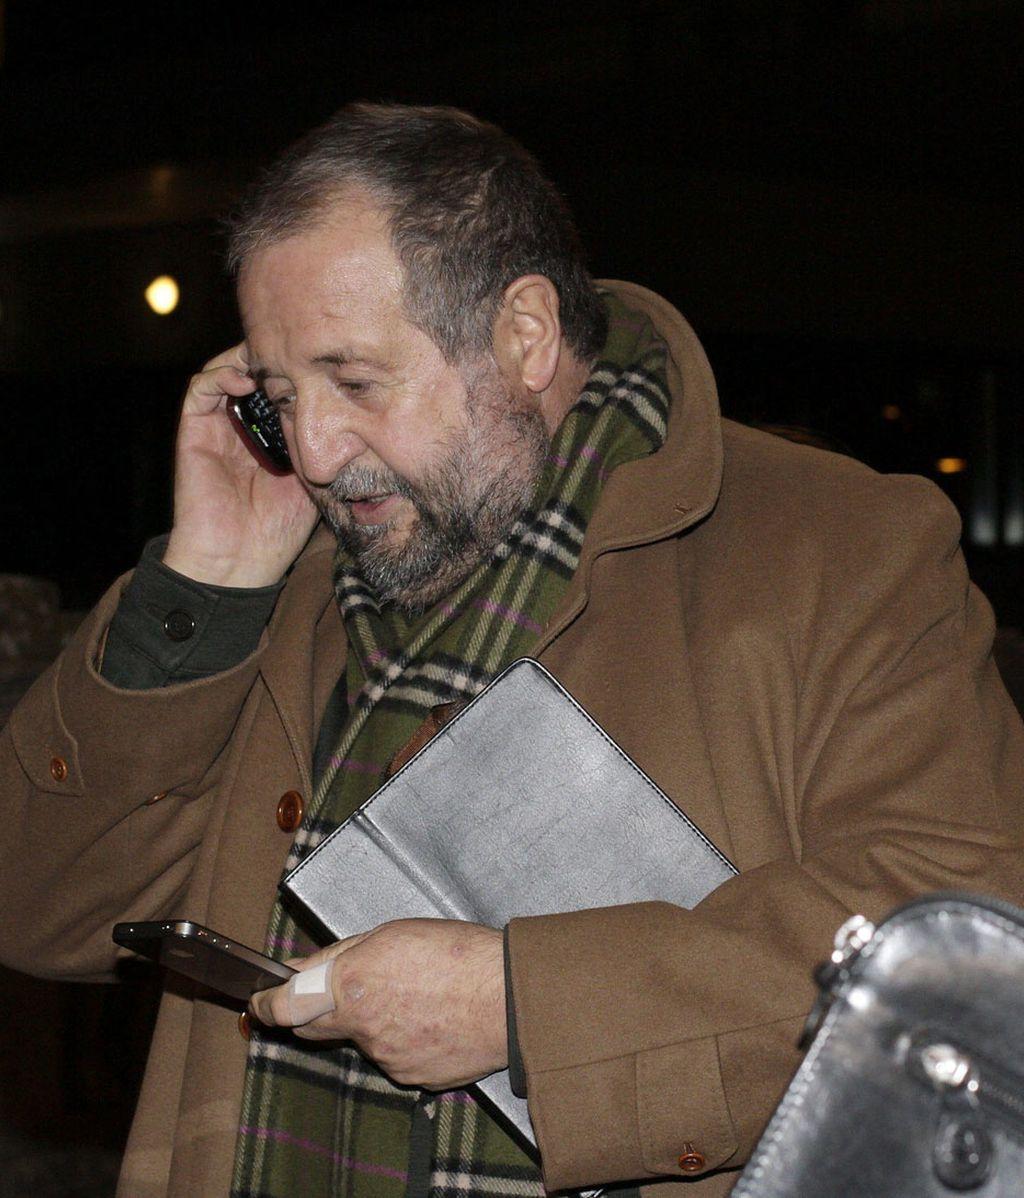 El alcalde de Lugo, José Clemente López Orozco, sale de los juzgados